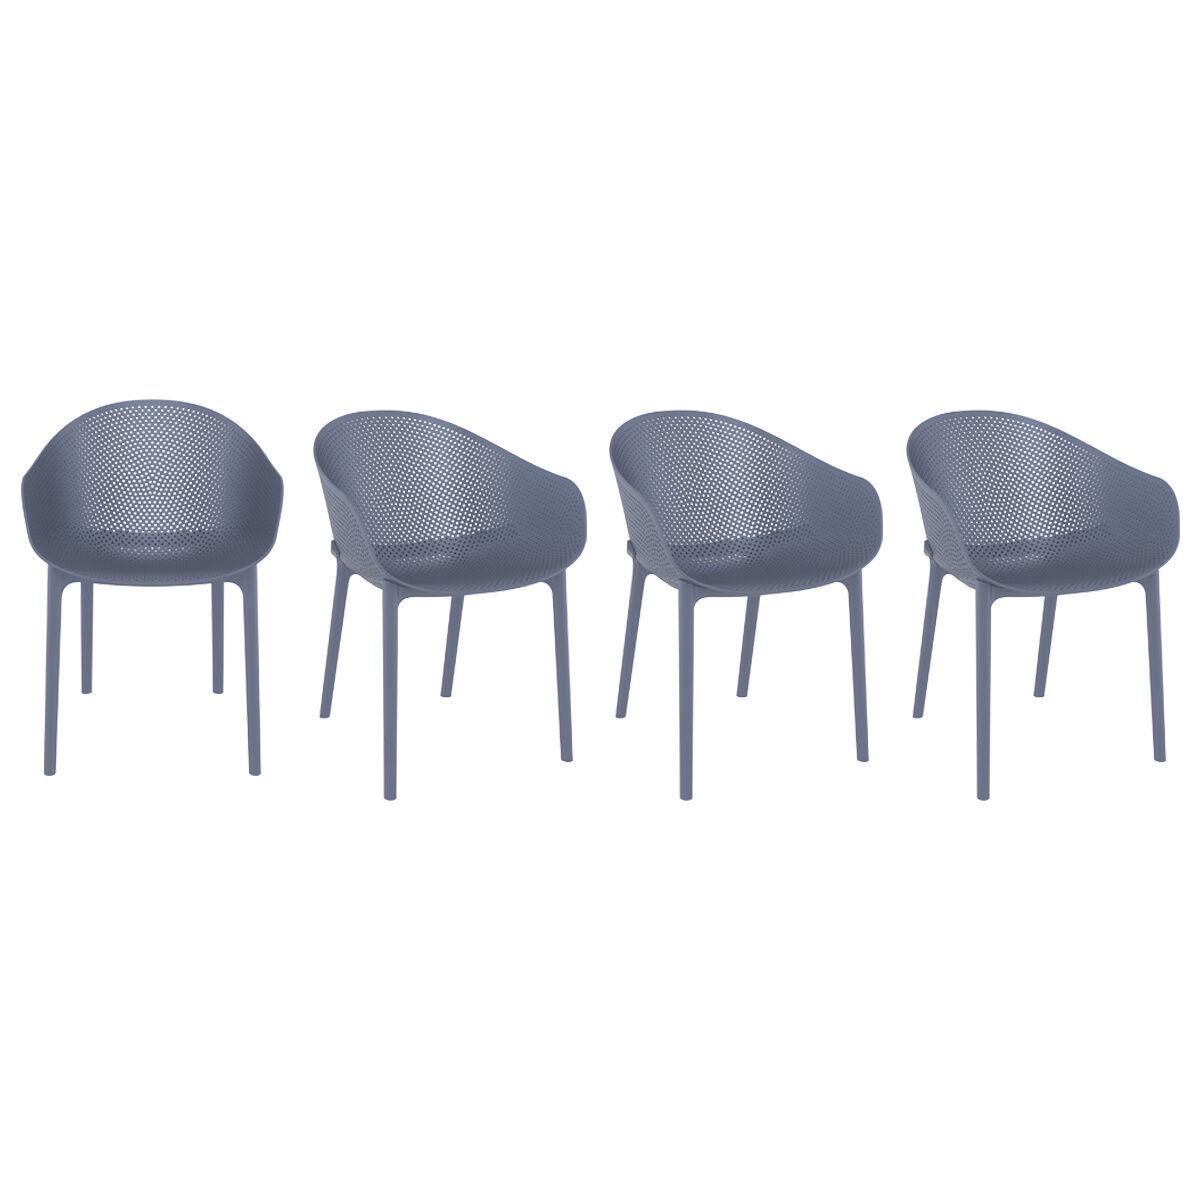 Miliboo Chaises design grises intérieur / extérieur (lot de 4) OSKOL